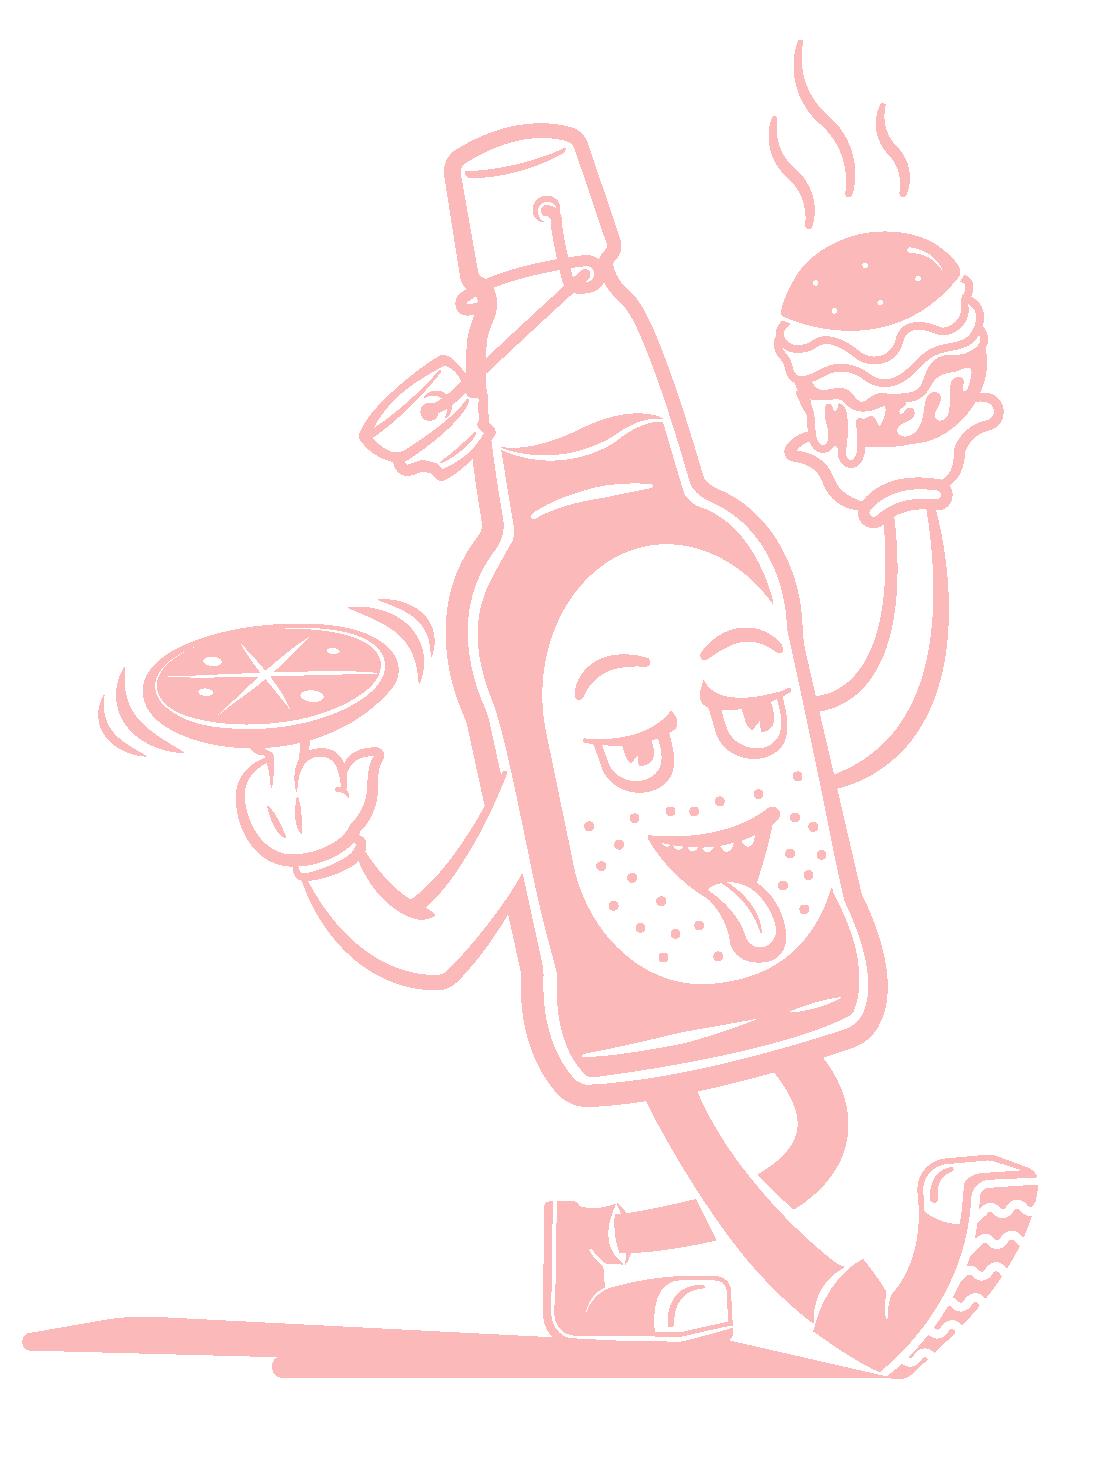 hotbox stoned soda pop